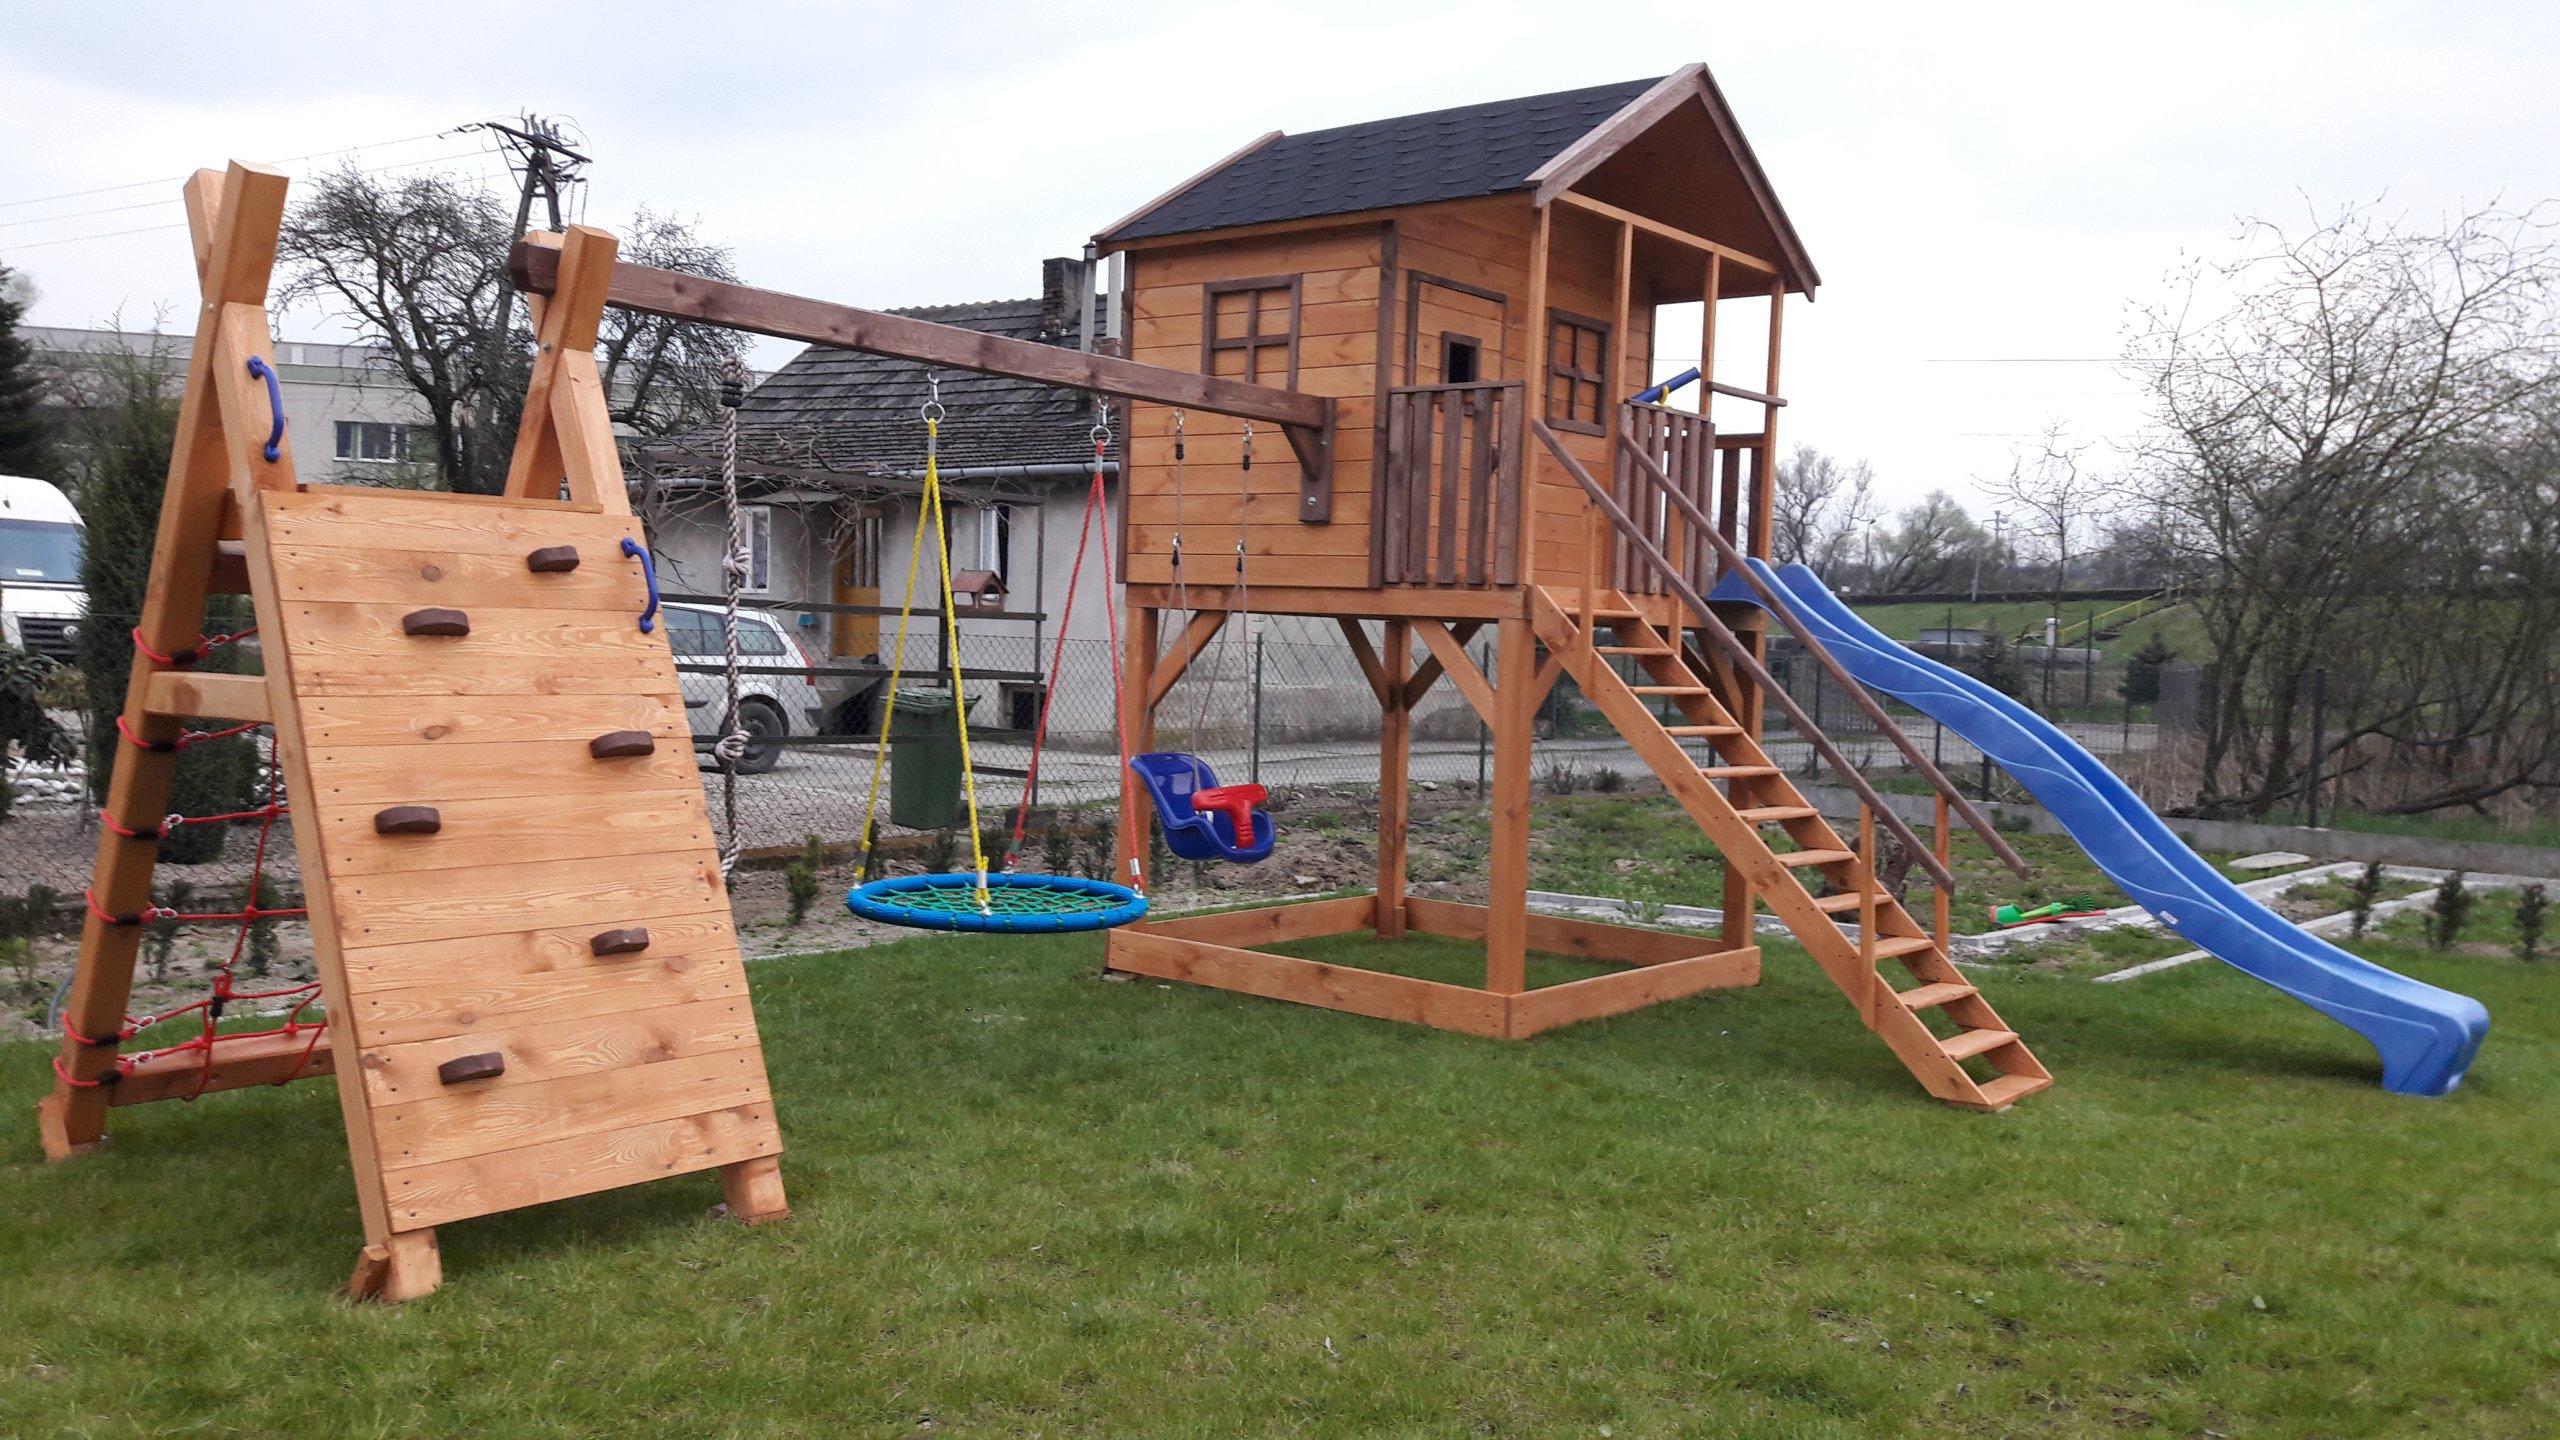 Młodzieńczy Domek drewniany dla dzieci plac zabaw WIELE WZORÓW - 6906724566 OX18